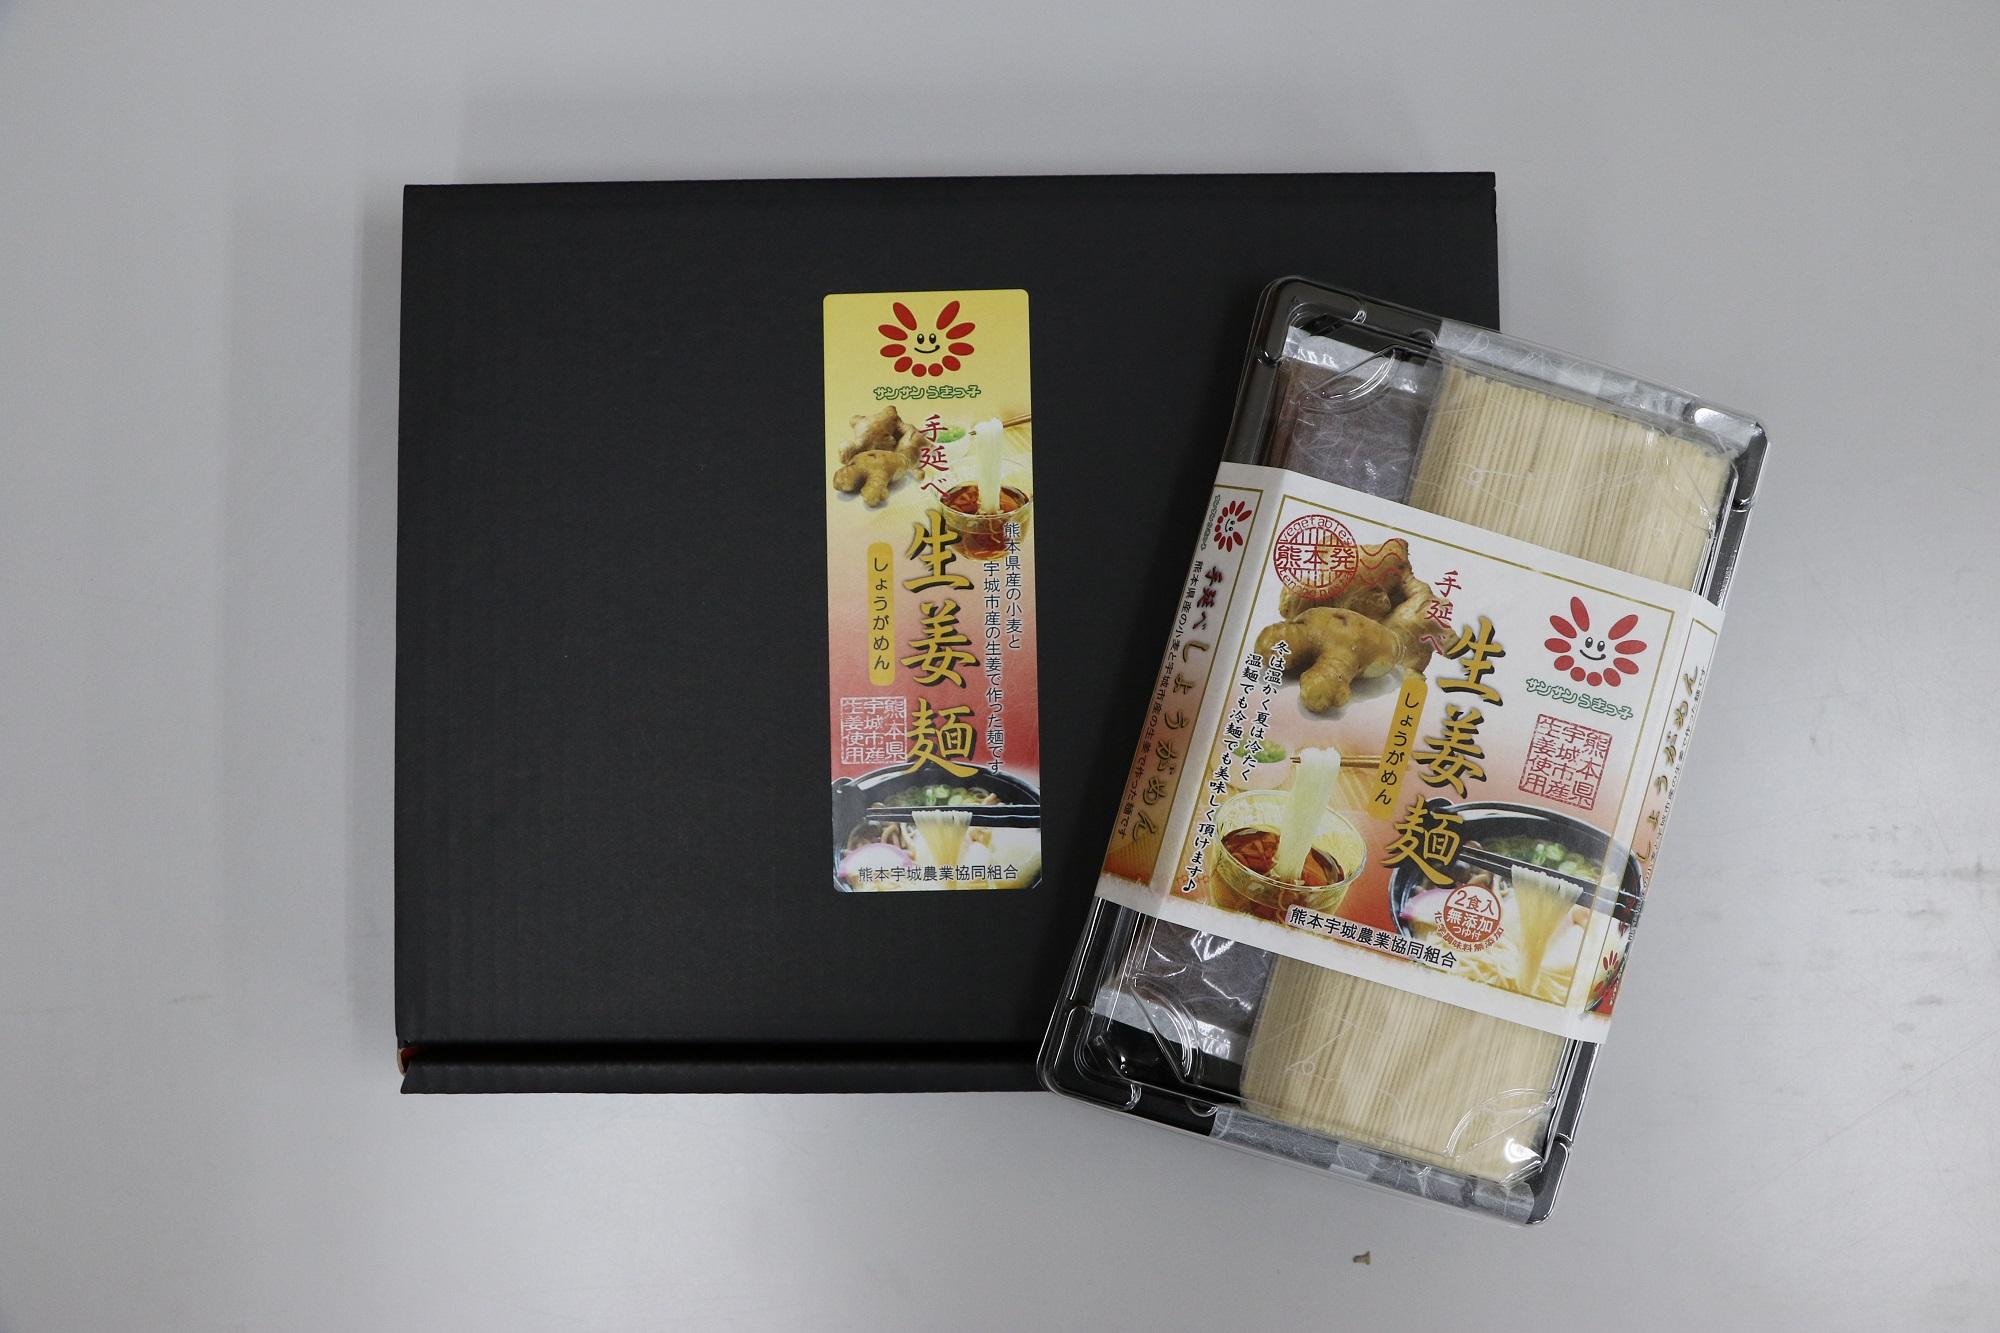 写真: サンサンうきっ子下北店「生姜麺の試食宣伝会」